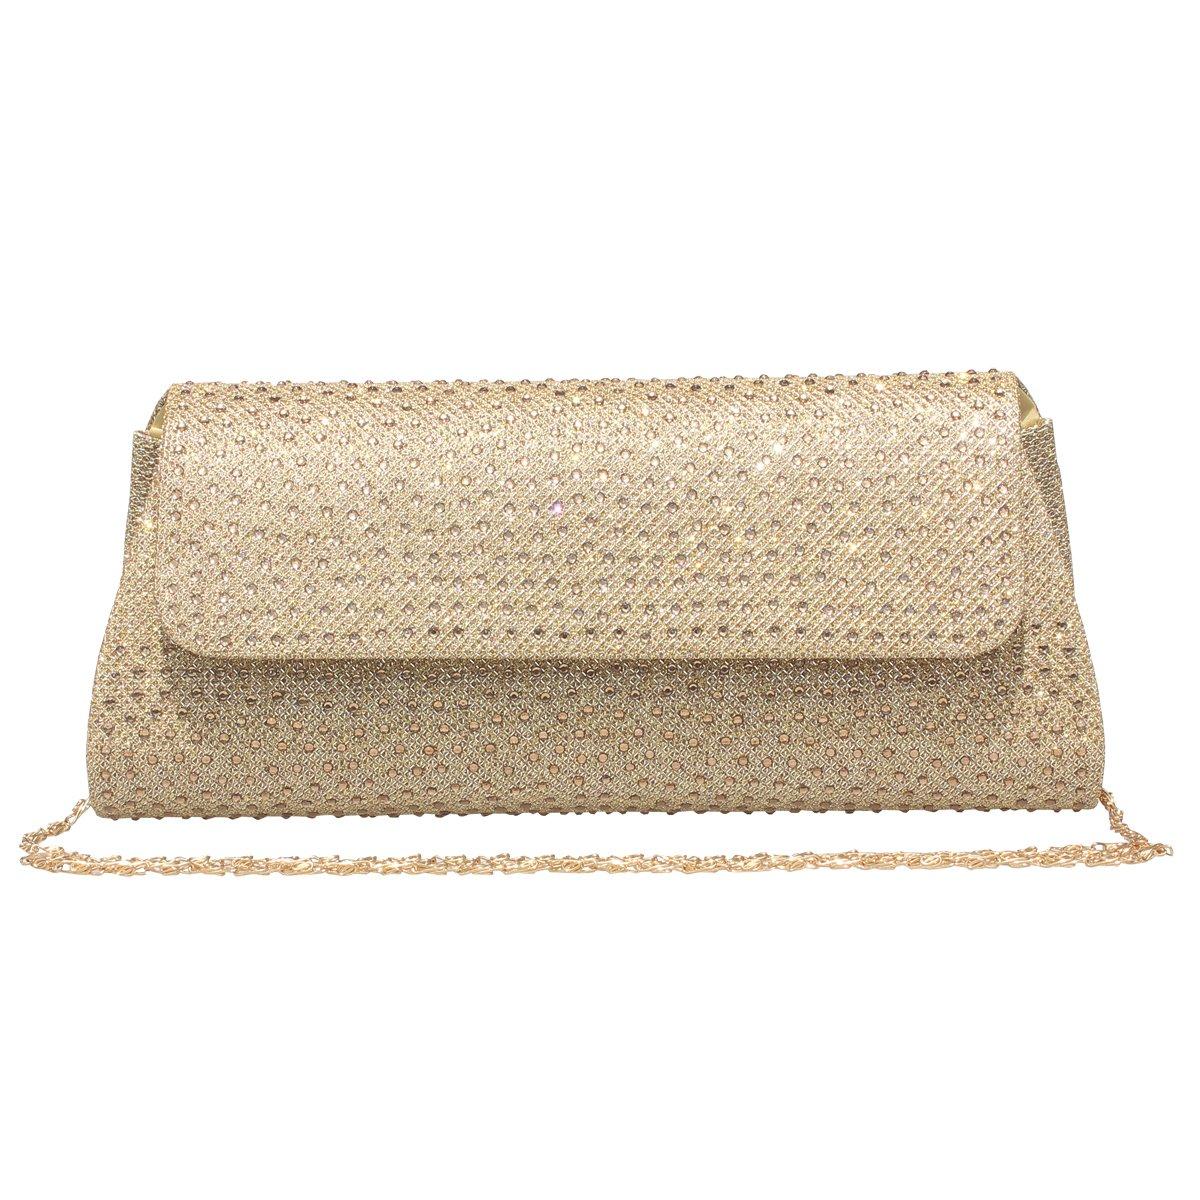 Womens Evening Rhinestone Frosted Clutch Bag Handbag Wedding Party Bridal Purse Gold